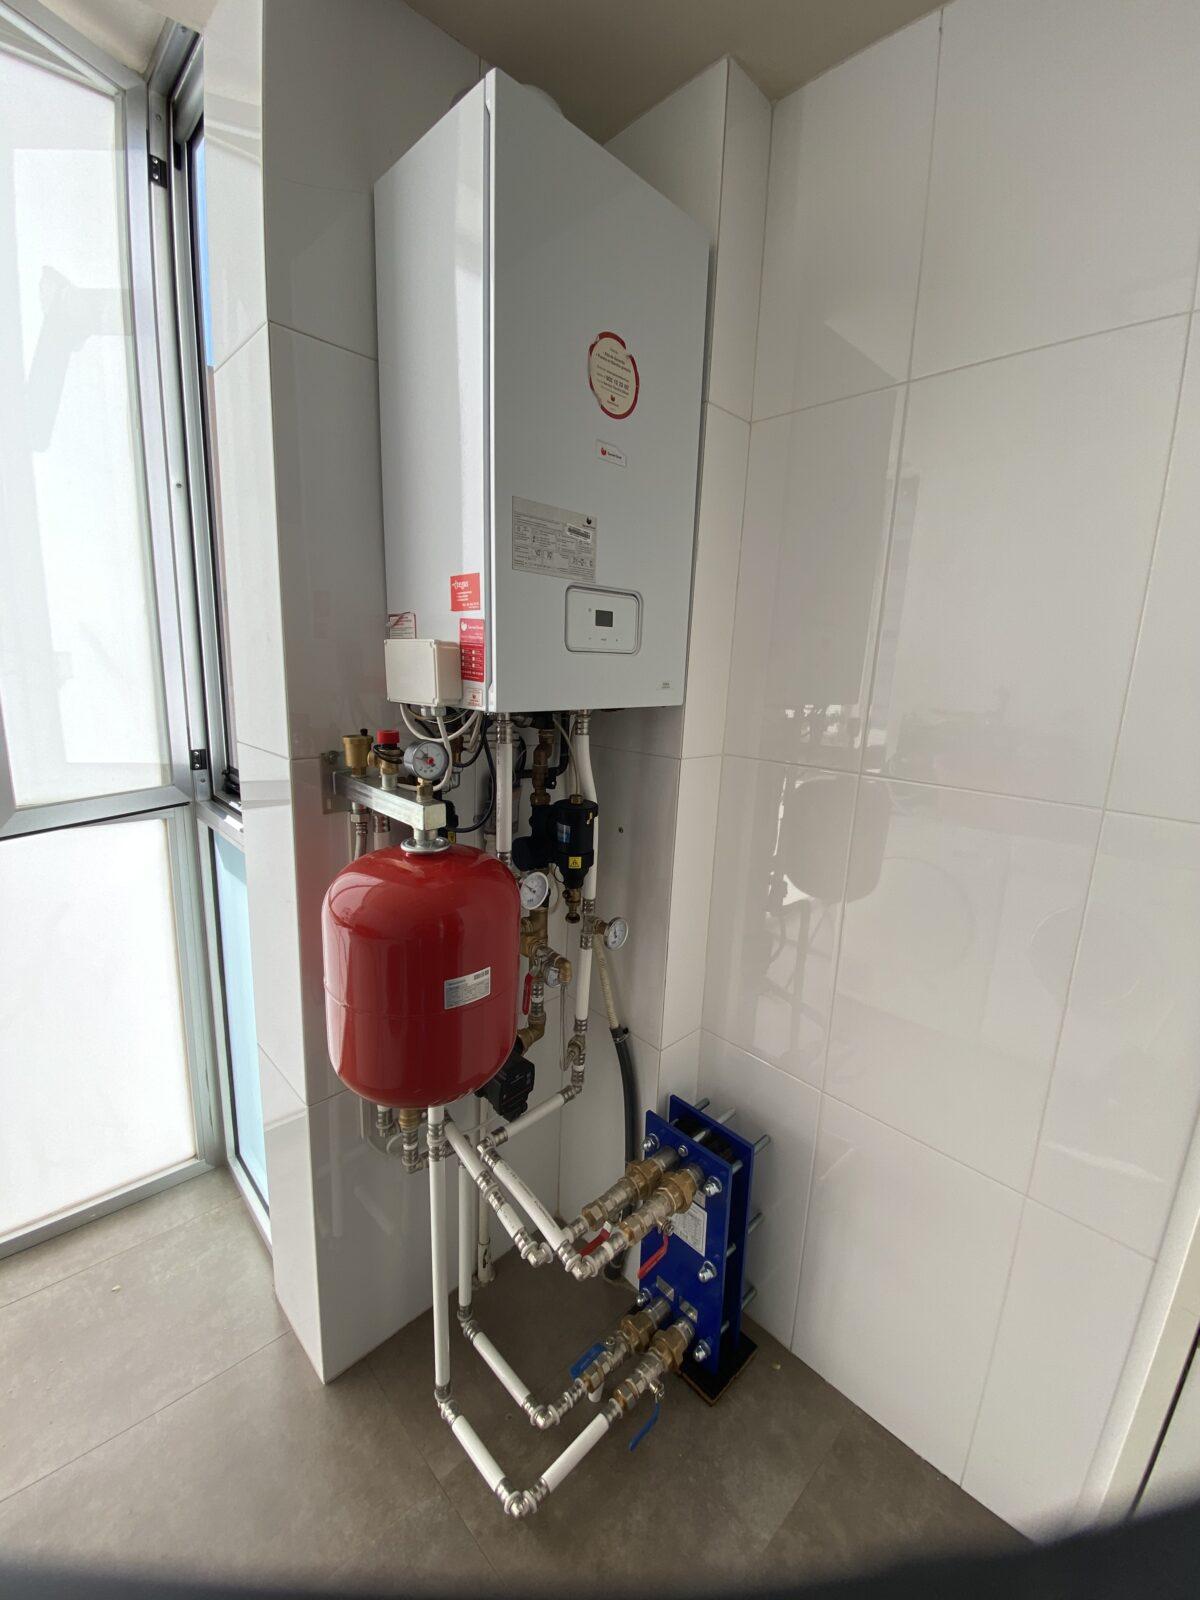 Reparación Suelo Radiante con intercambiador externo para separar la caldera del suelo radiante.